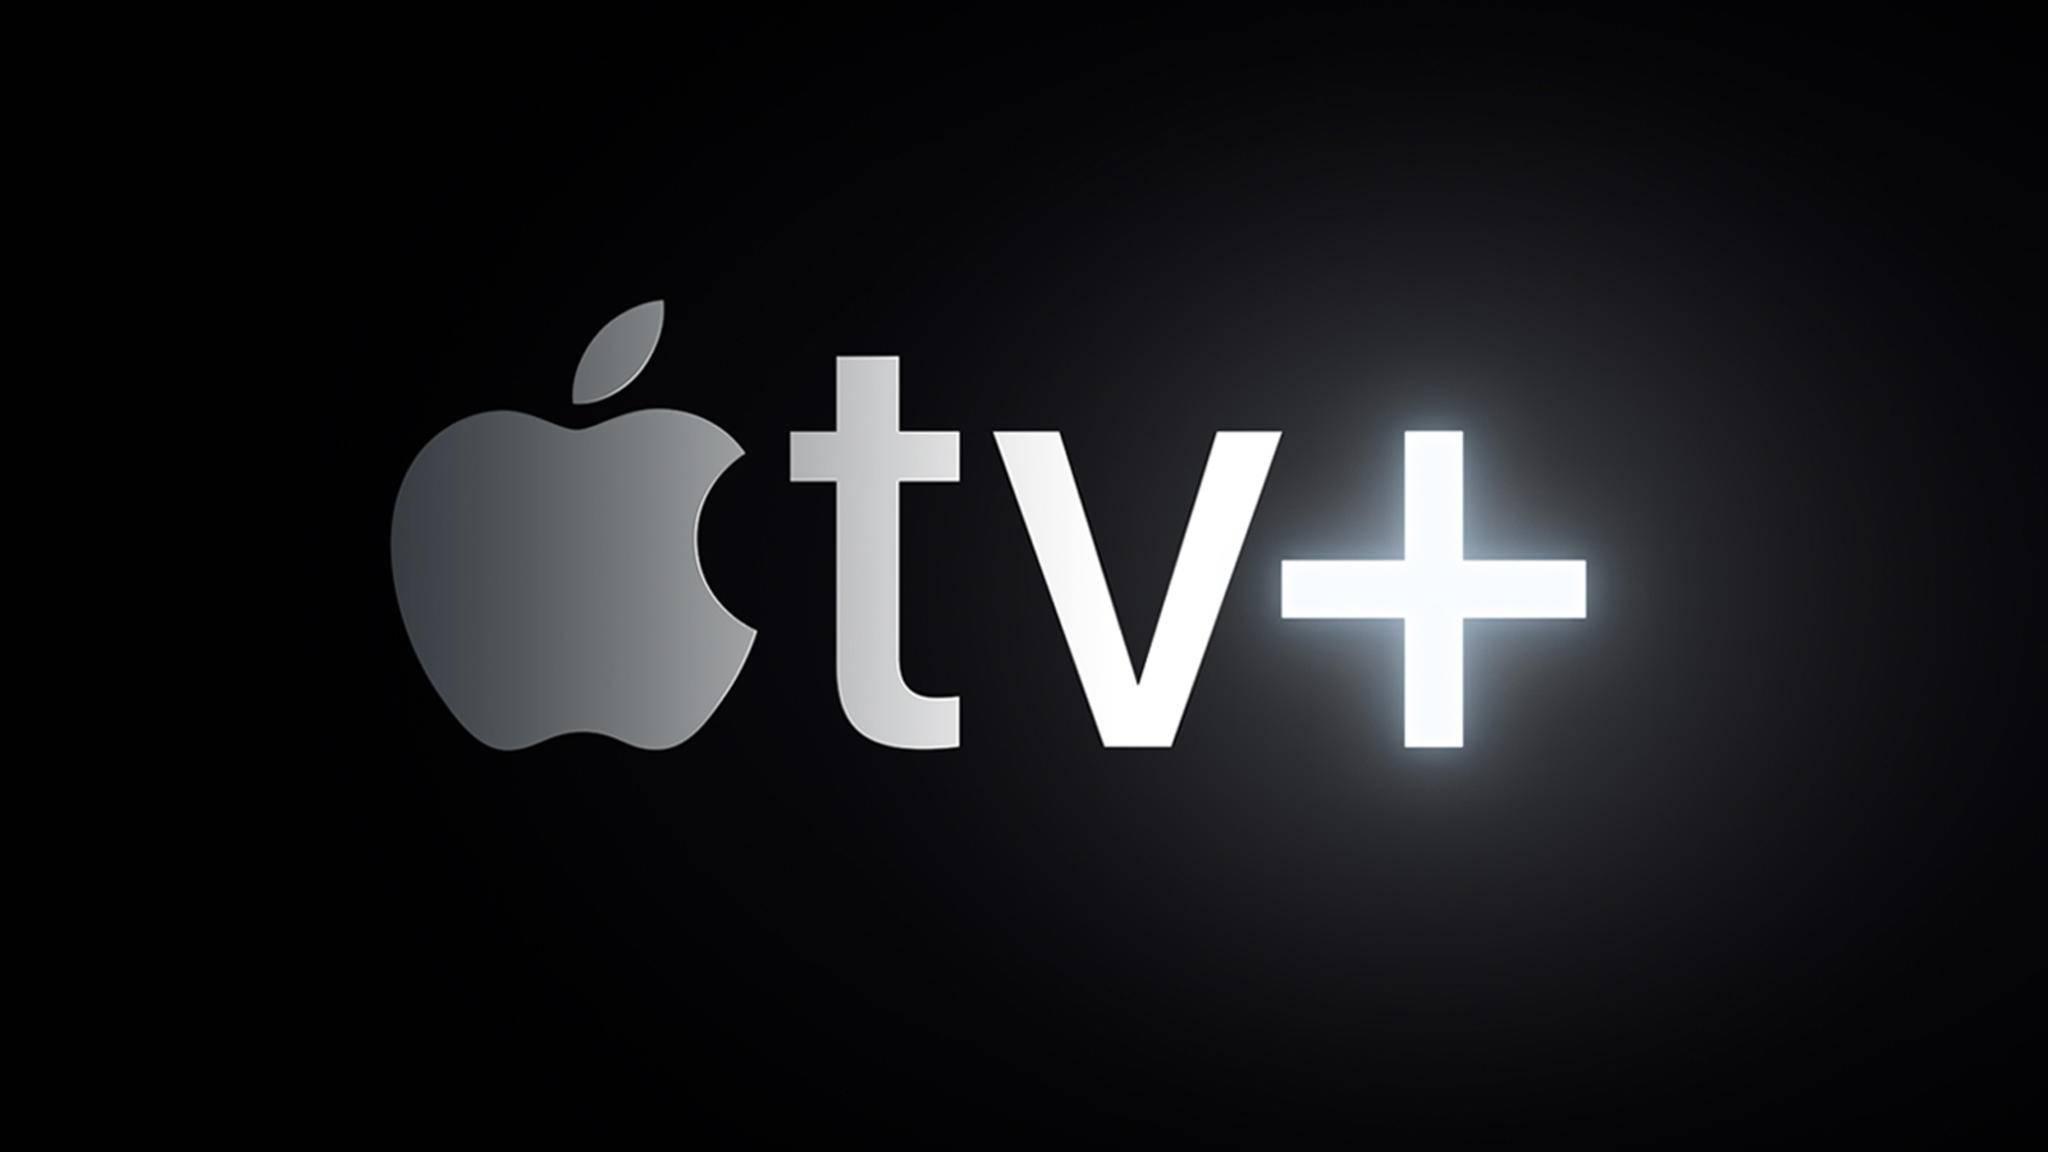 Konnte Apple TV+ die großen Erwartungen erfüllen?